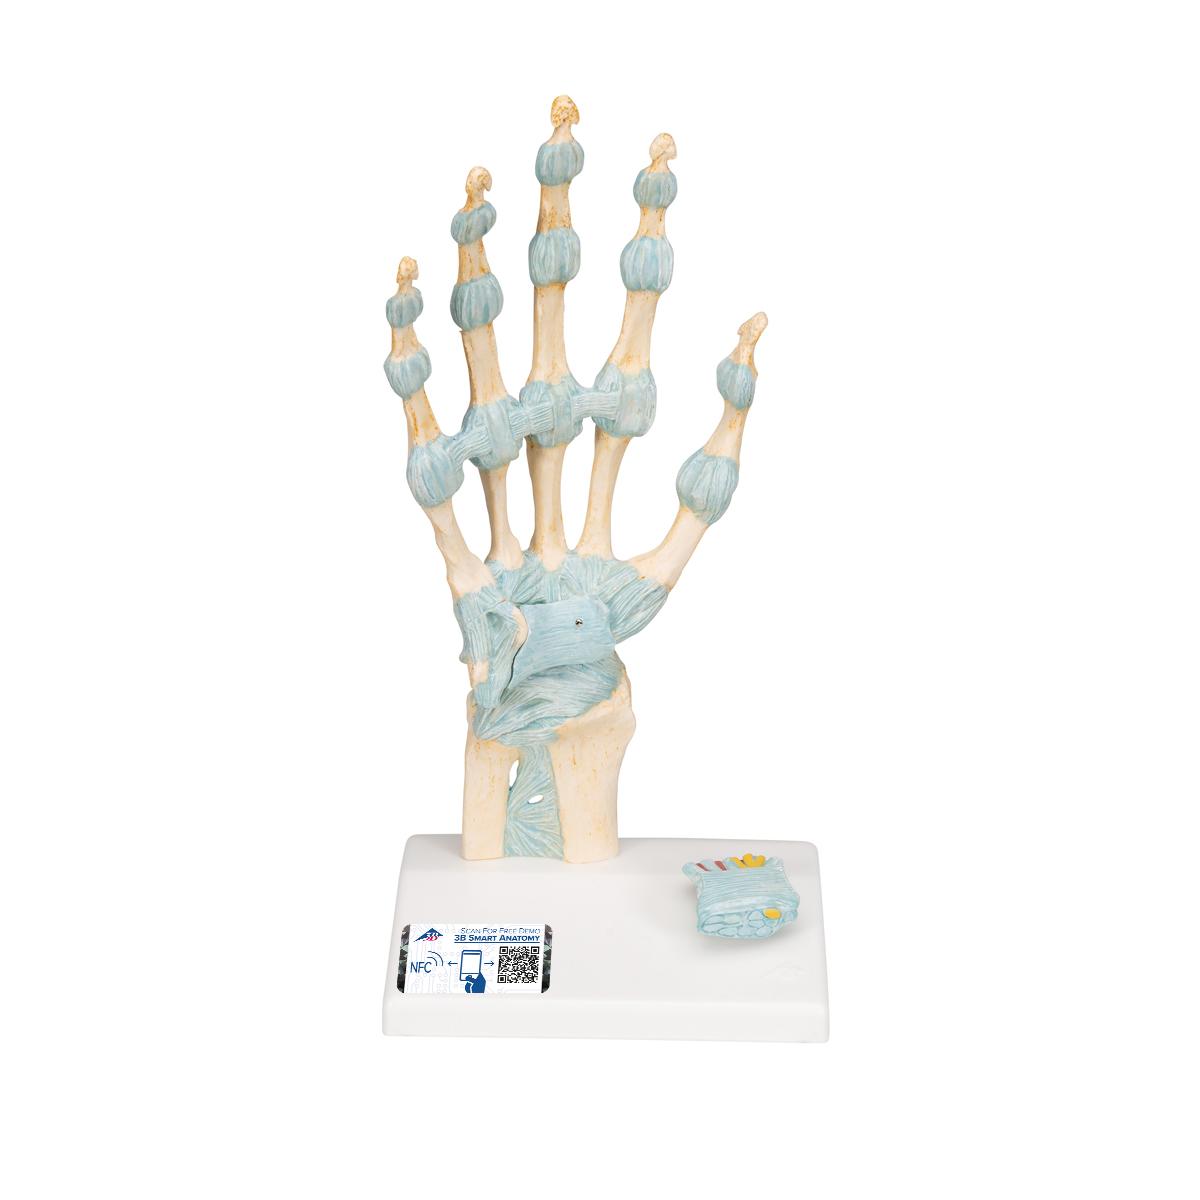 Modell des Handskeletts mit Bändern und Karpaltunnel - 1000357 - M33 ...